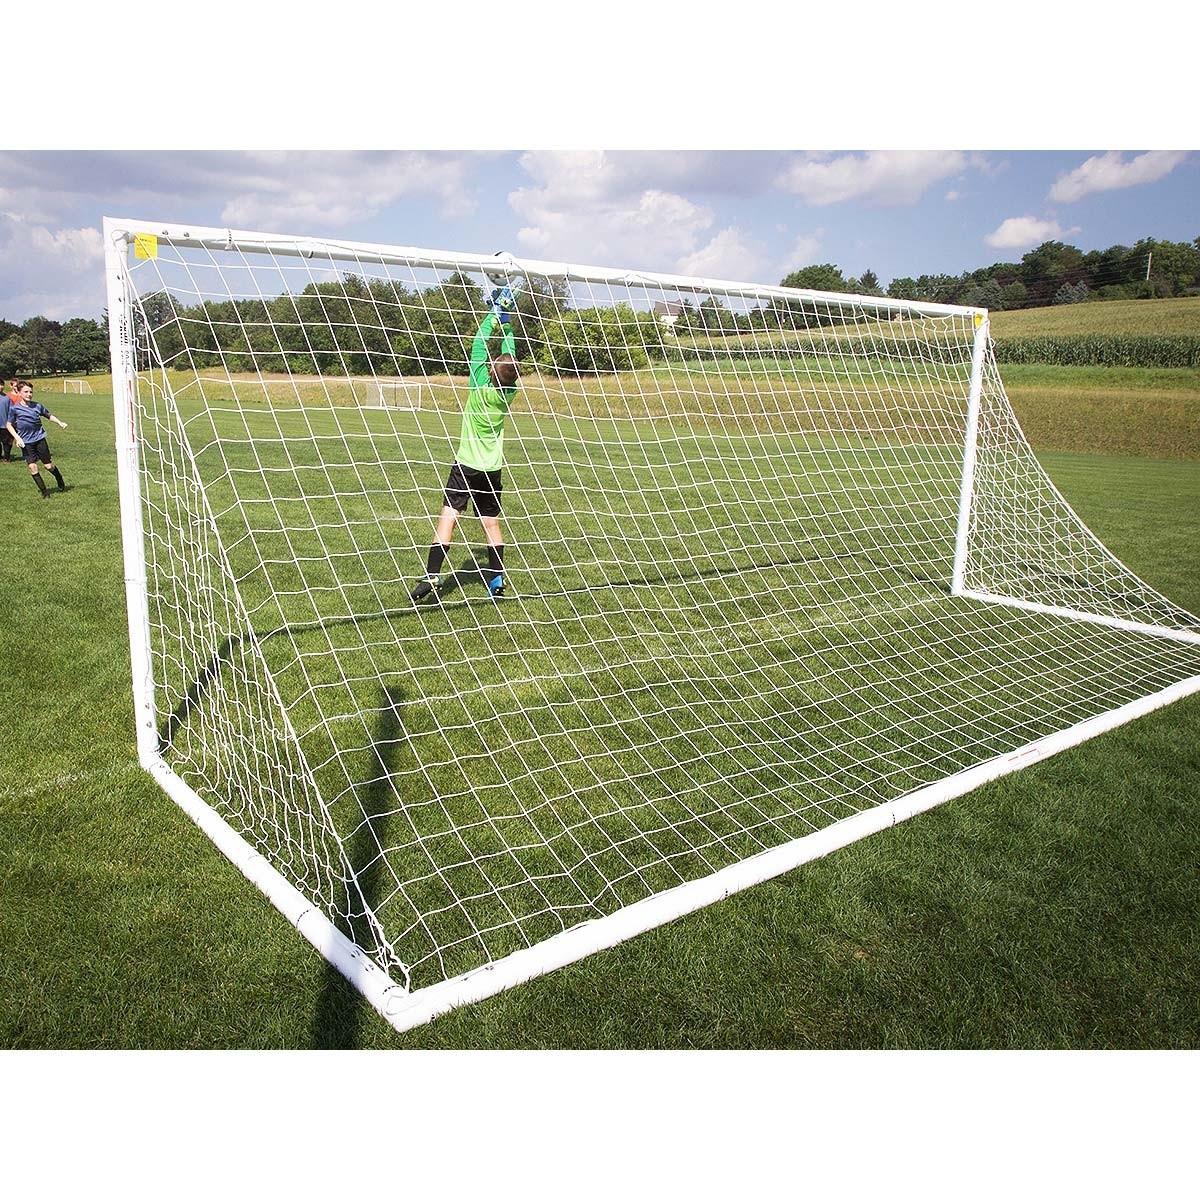 0a7111b8b Kwik Goal 6.5'x12' Academy Soccer Goal, 2B5003 - A12-540